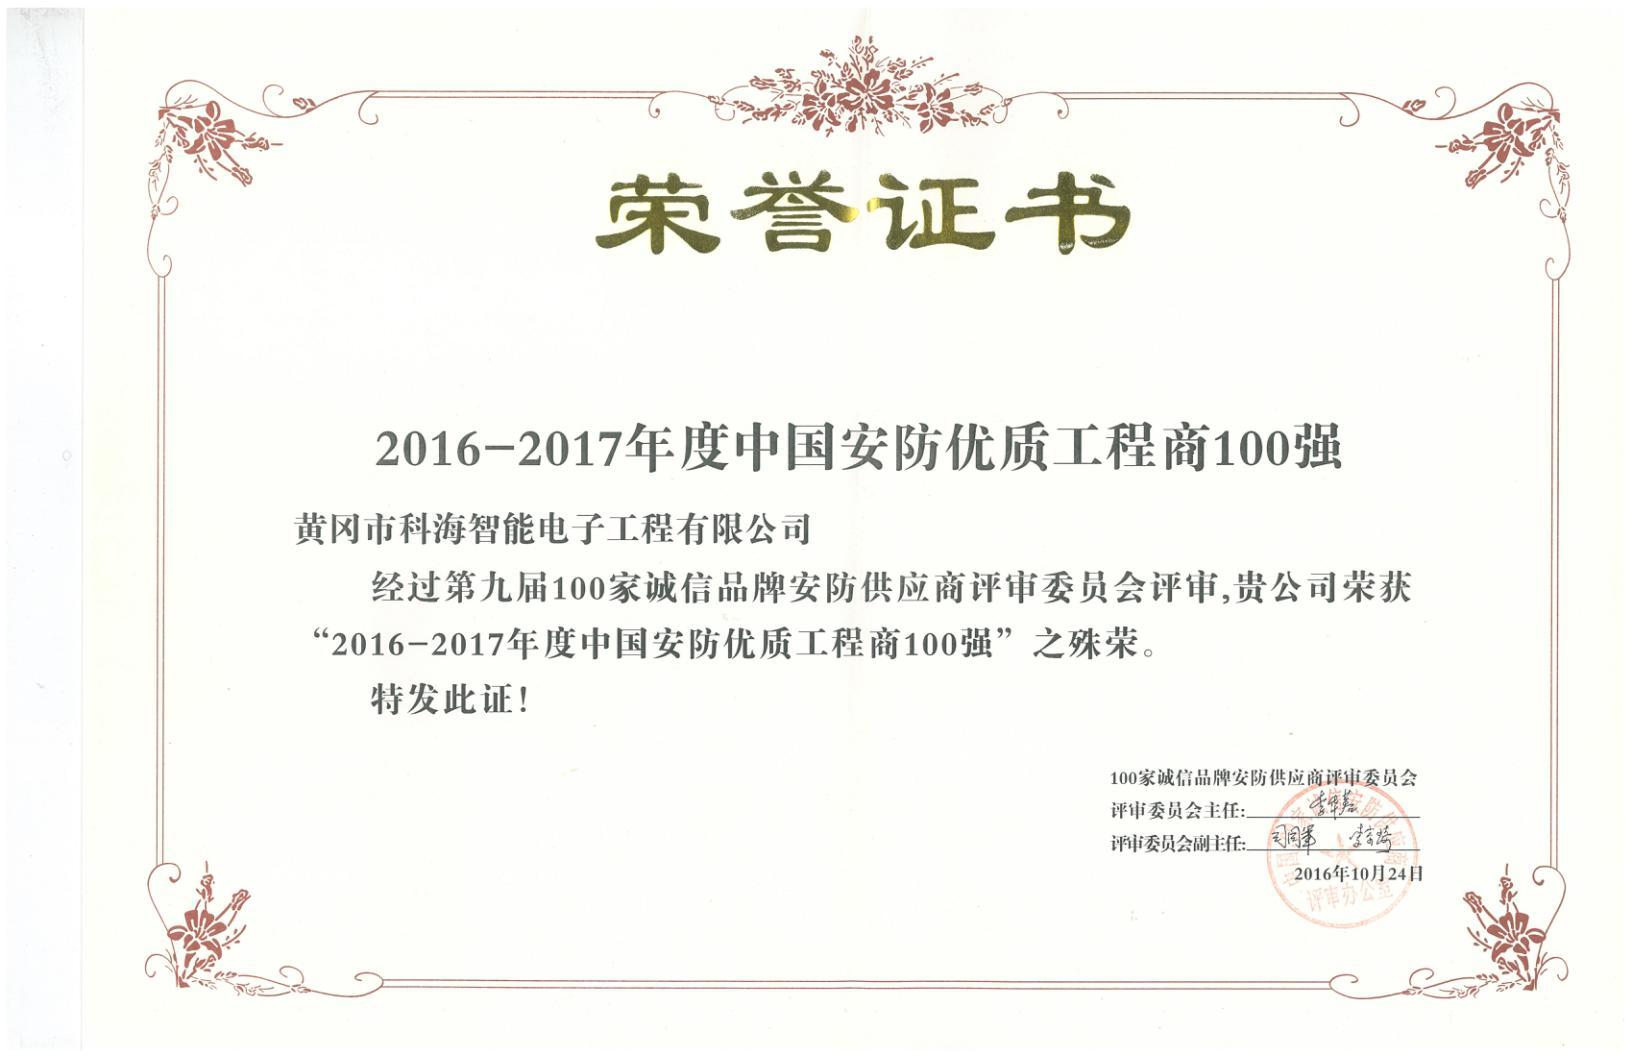 2016-2017年度中国安防**工程商100强牌匾